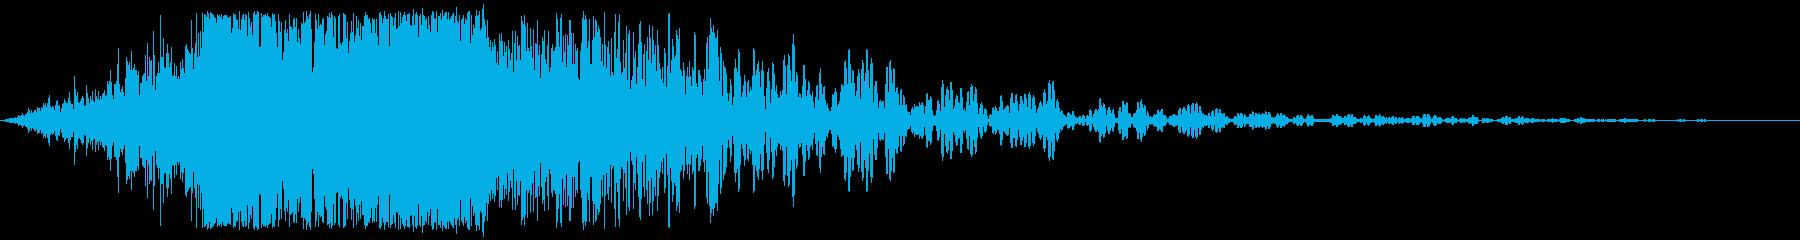 爆発的な金属の影響の再生済みの波形